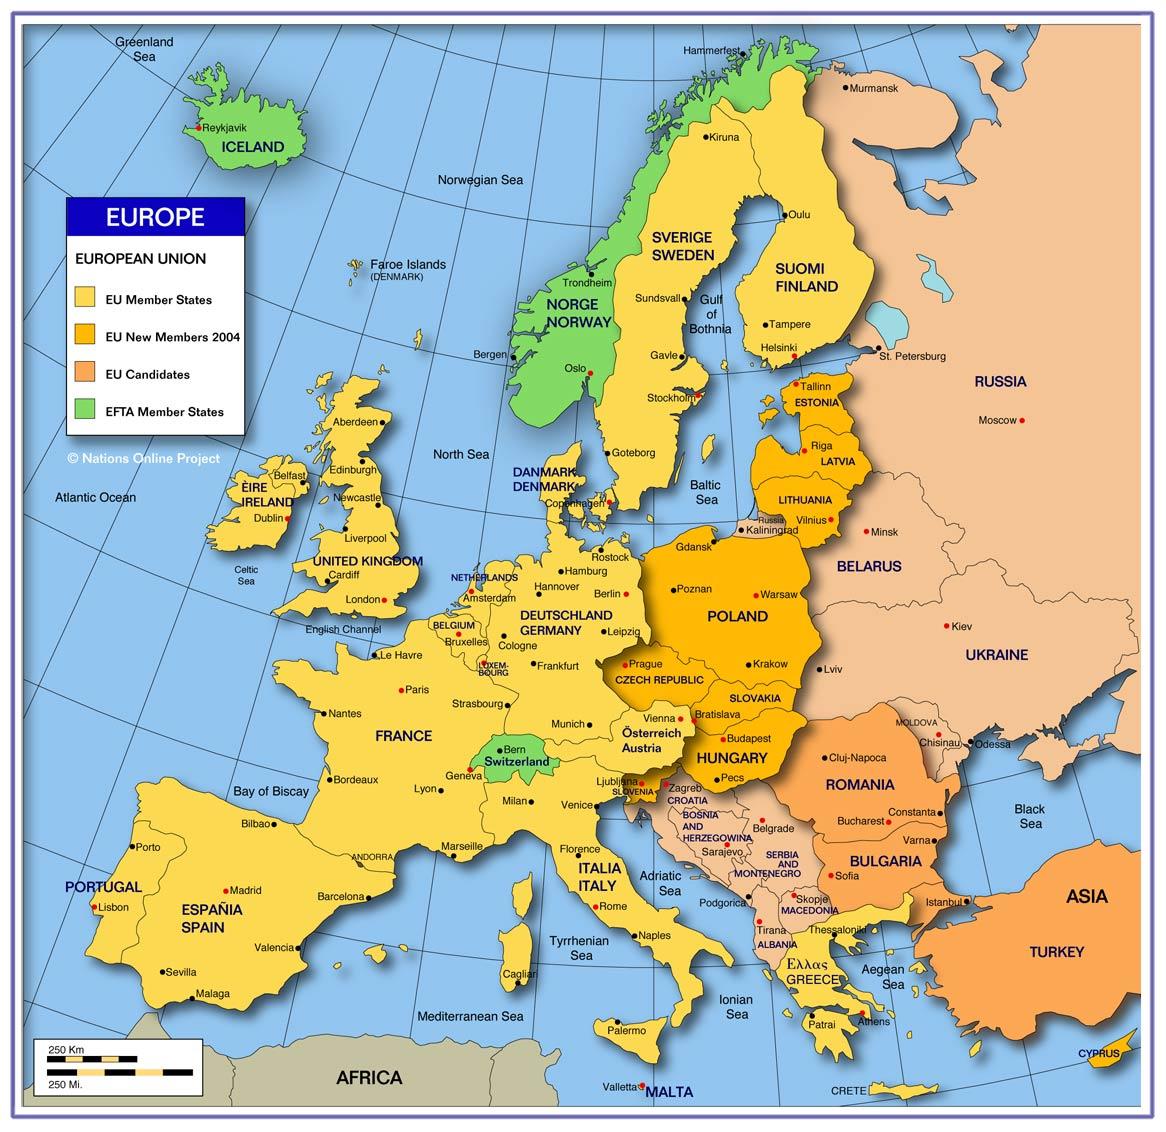 خريطة لأوروبا